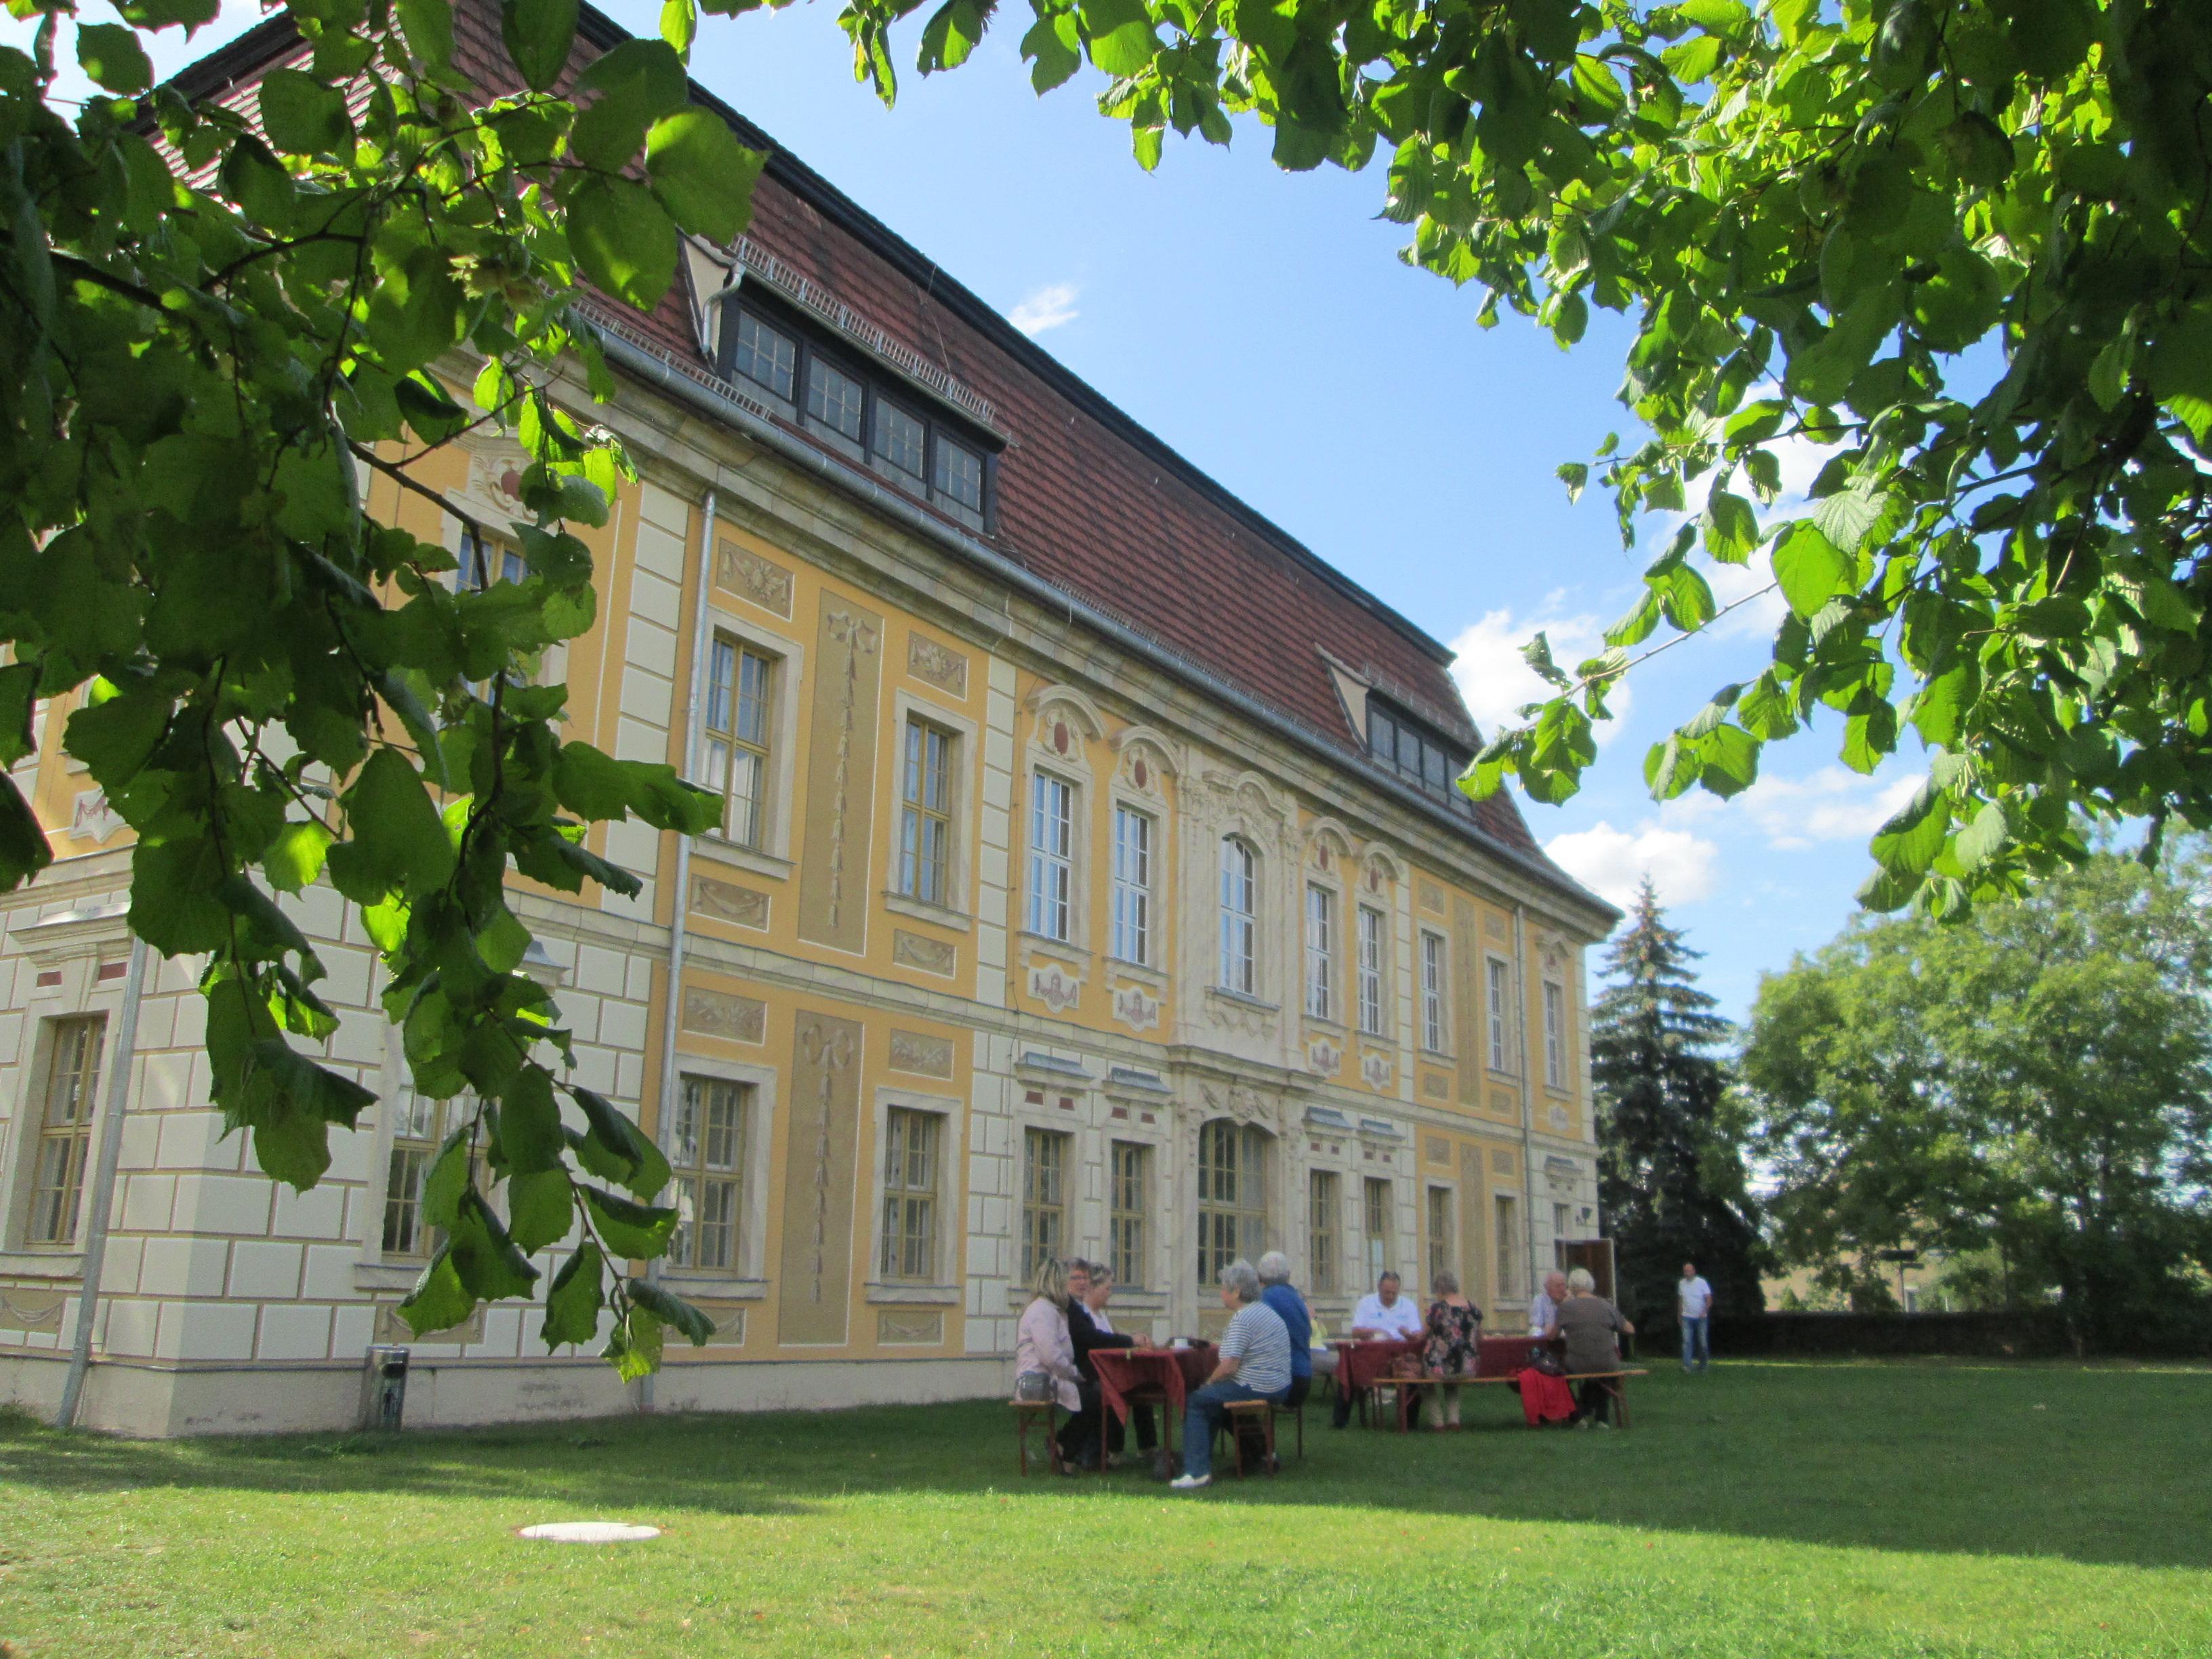 Jagdhaus Kössern Garten Baumeister Denkmaltag, Foto: Rolf Hofmann, Stadt Grimma